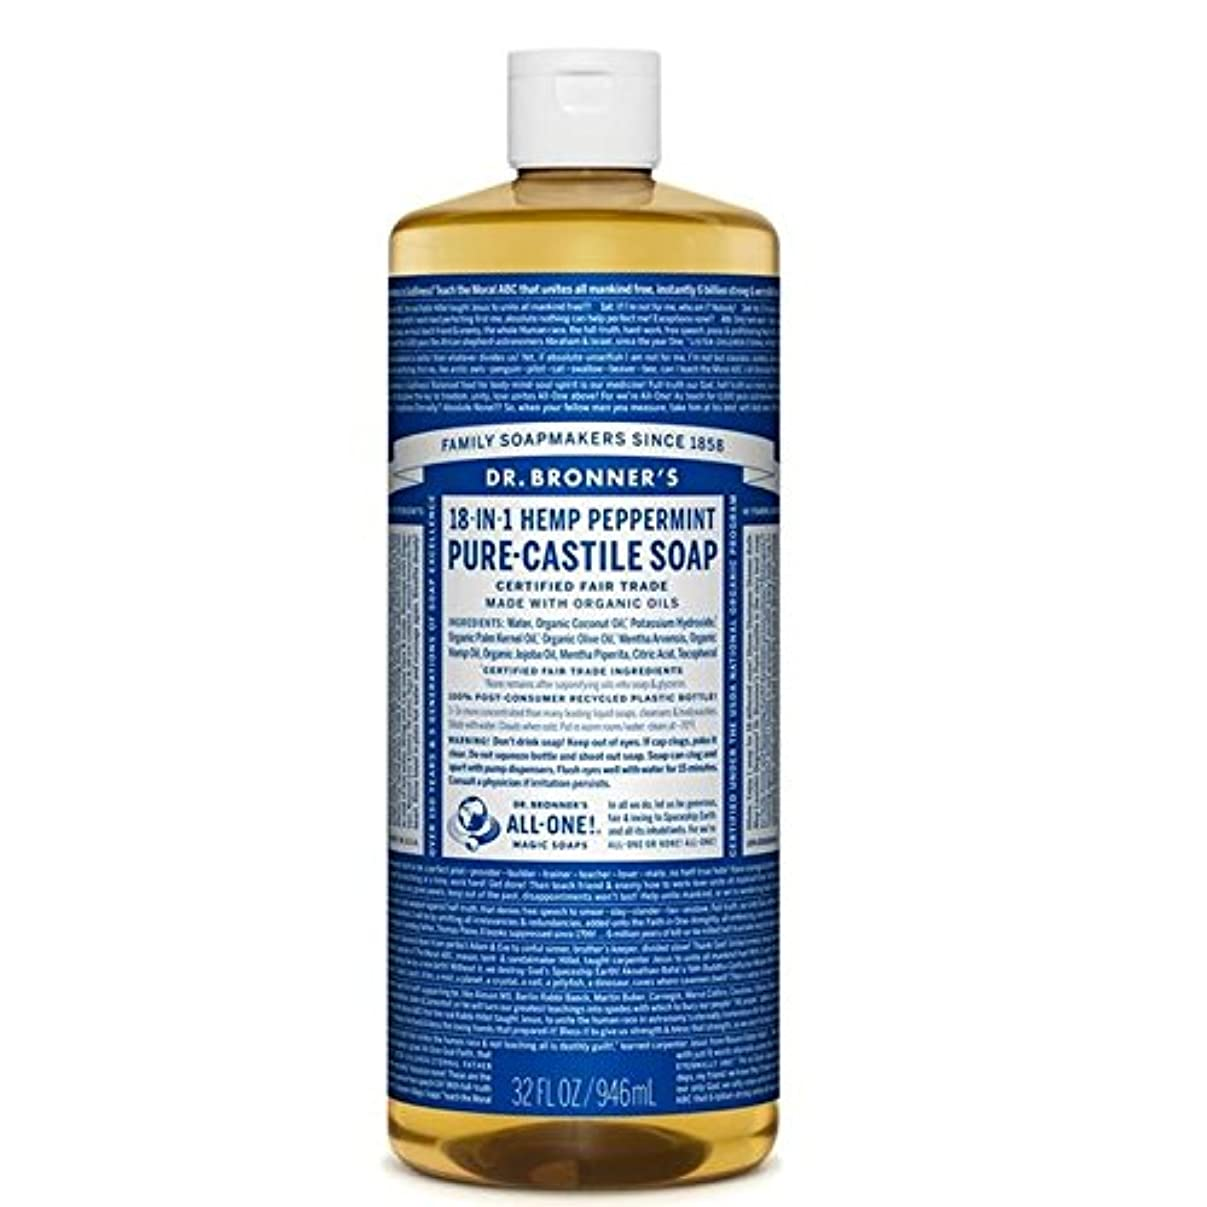 聖職者風が強い第五Dr Bronner Organic Peppermint Castile Liquid Soap 946ml - のブロナー有機ペパーミントカスティーリャ液体石鹸946ミリリットル [並行輸入品]